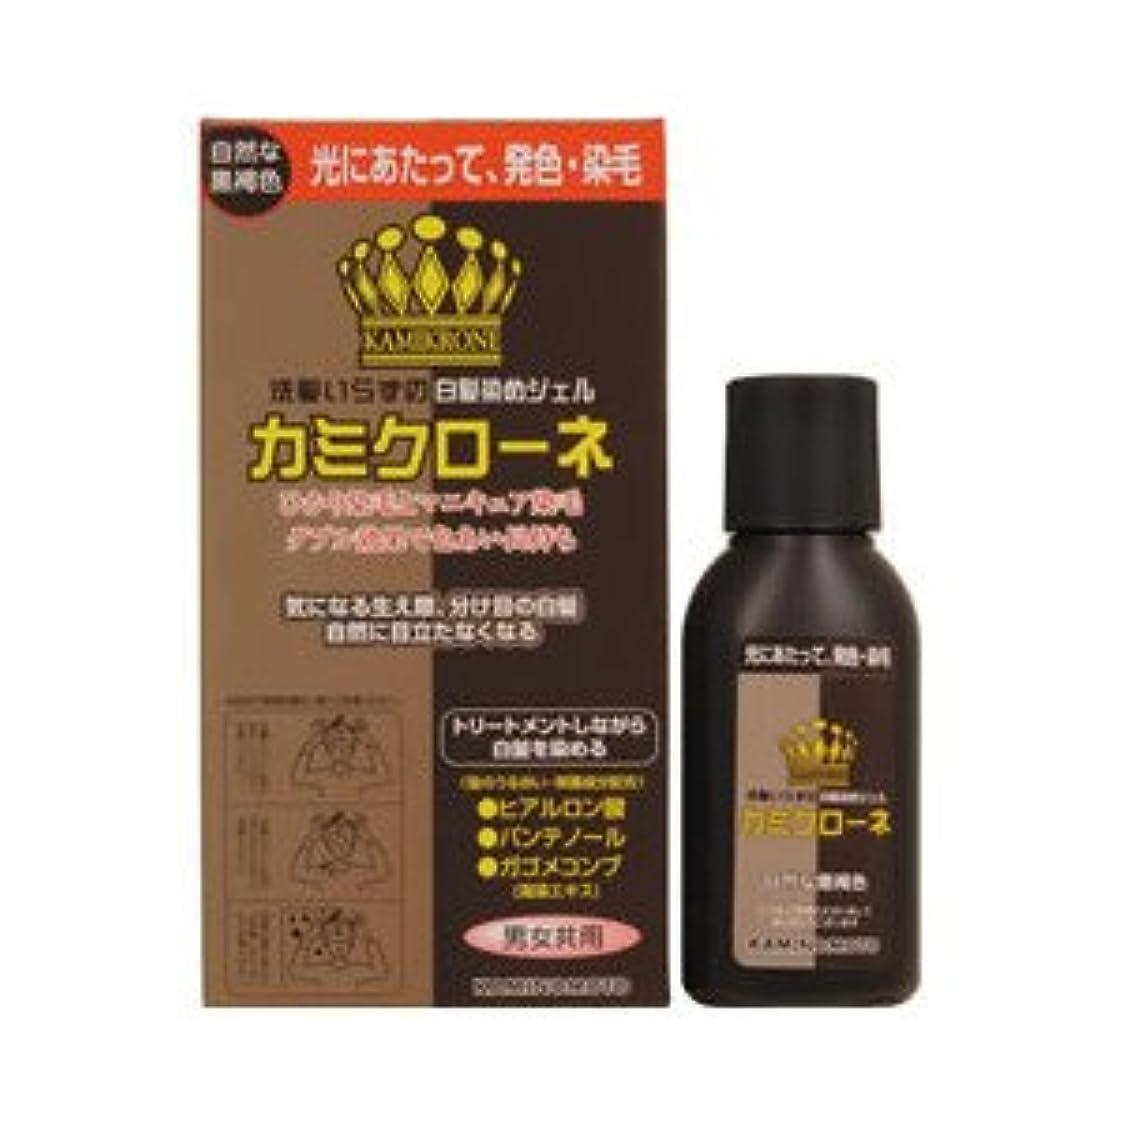 持っているファンド定常【3個】 加美乃素 カミクローネ 自然な黒褐色 80mlx3個 (4987046820020)